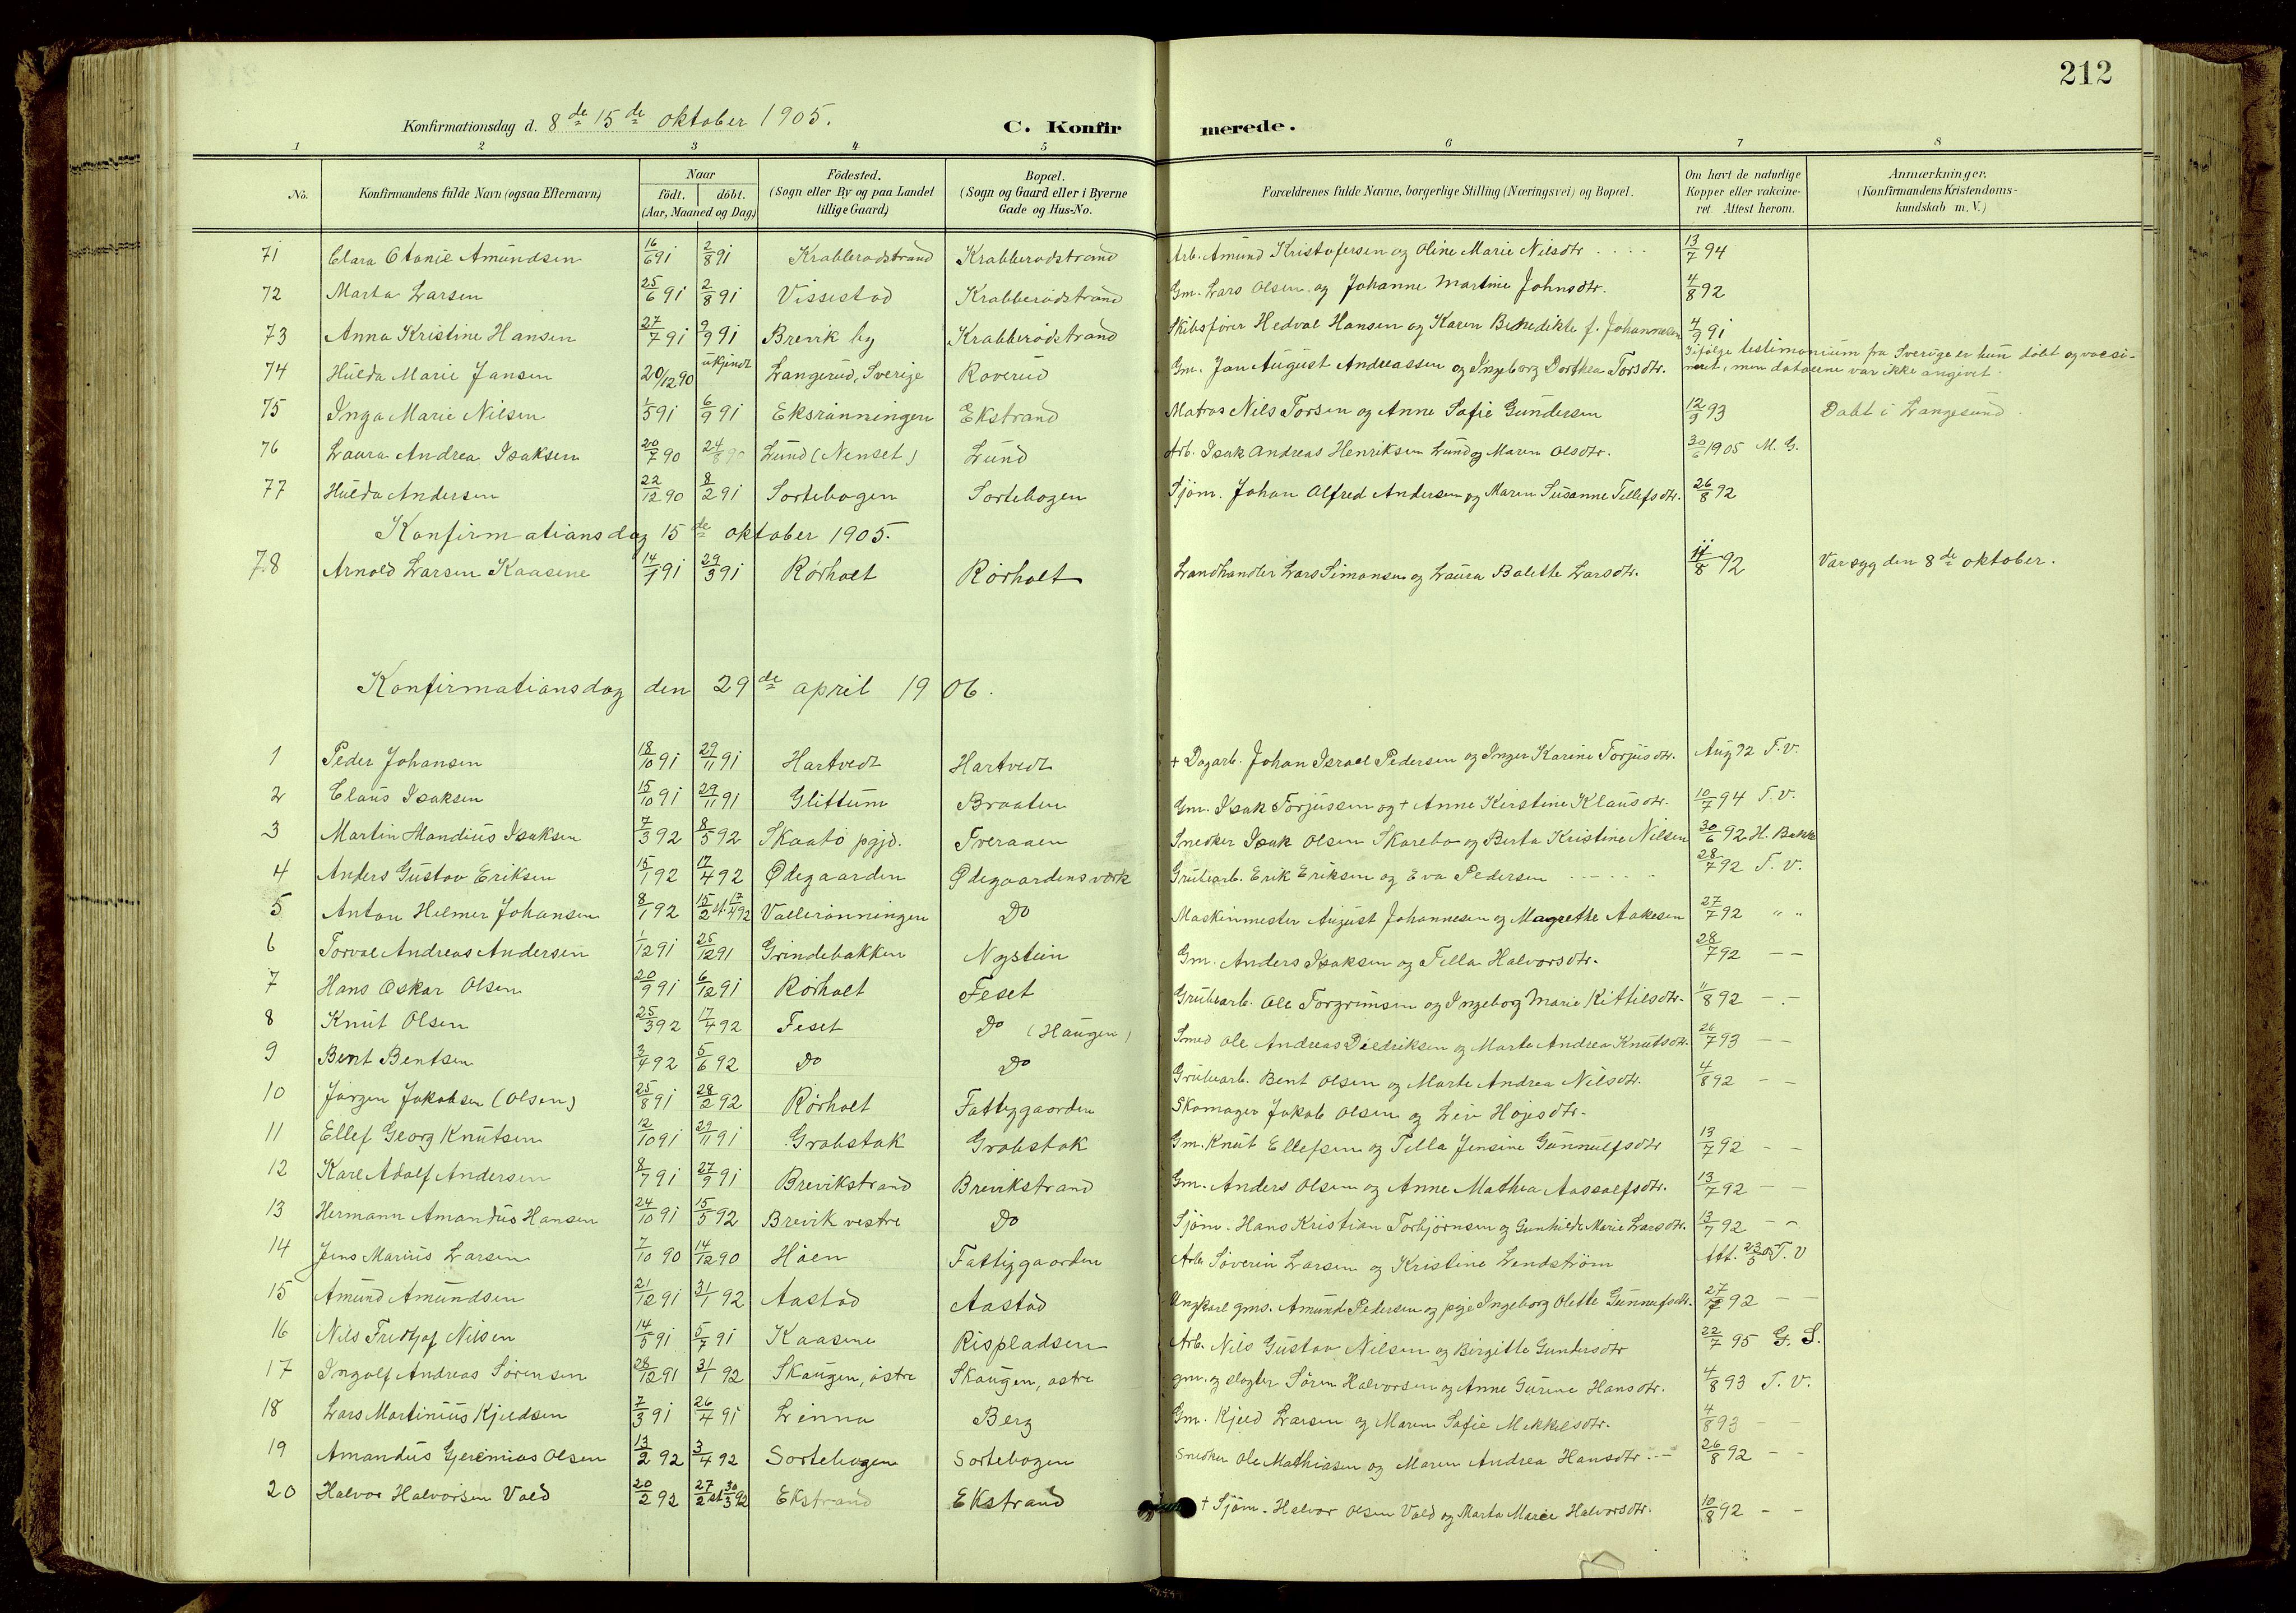 SAKO, Bamble kirkebøker, G/Ga/L0010: Klokkerbok nr. I 10, 1901-1919, s. 212